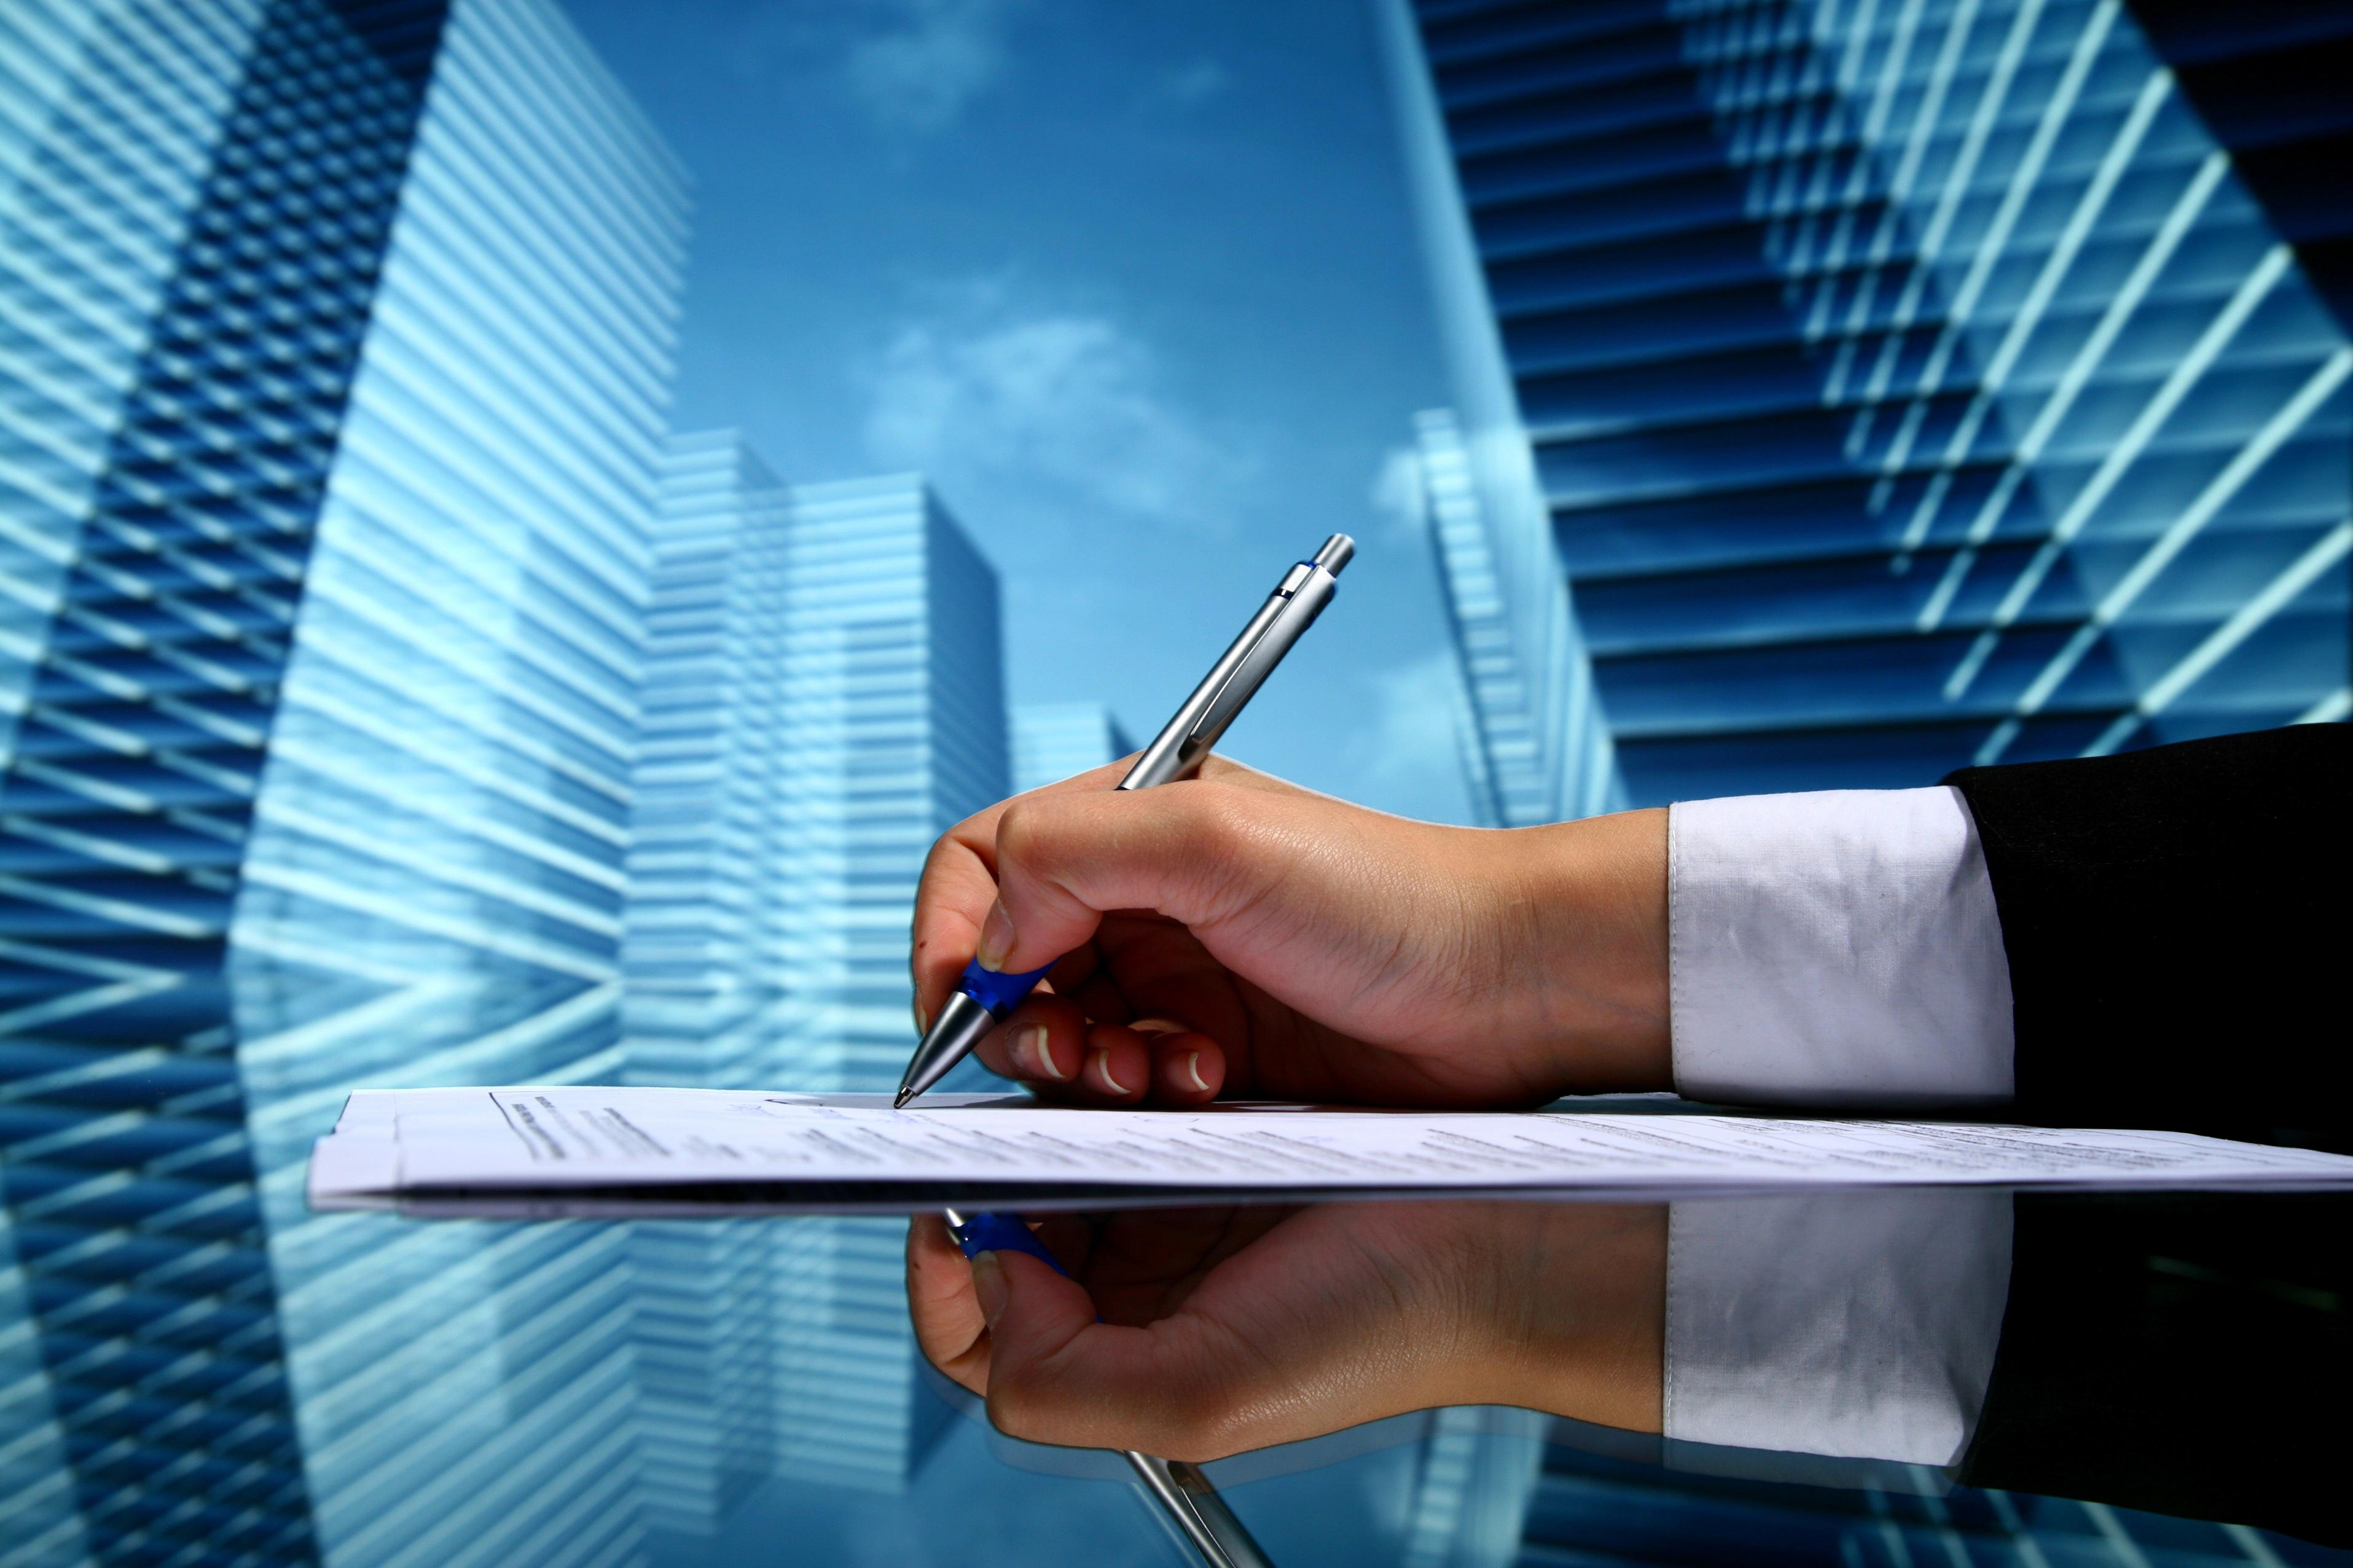 Ghi nhận tổ chức dịch vụ đại diện sở hữu công nghiệp